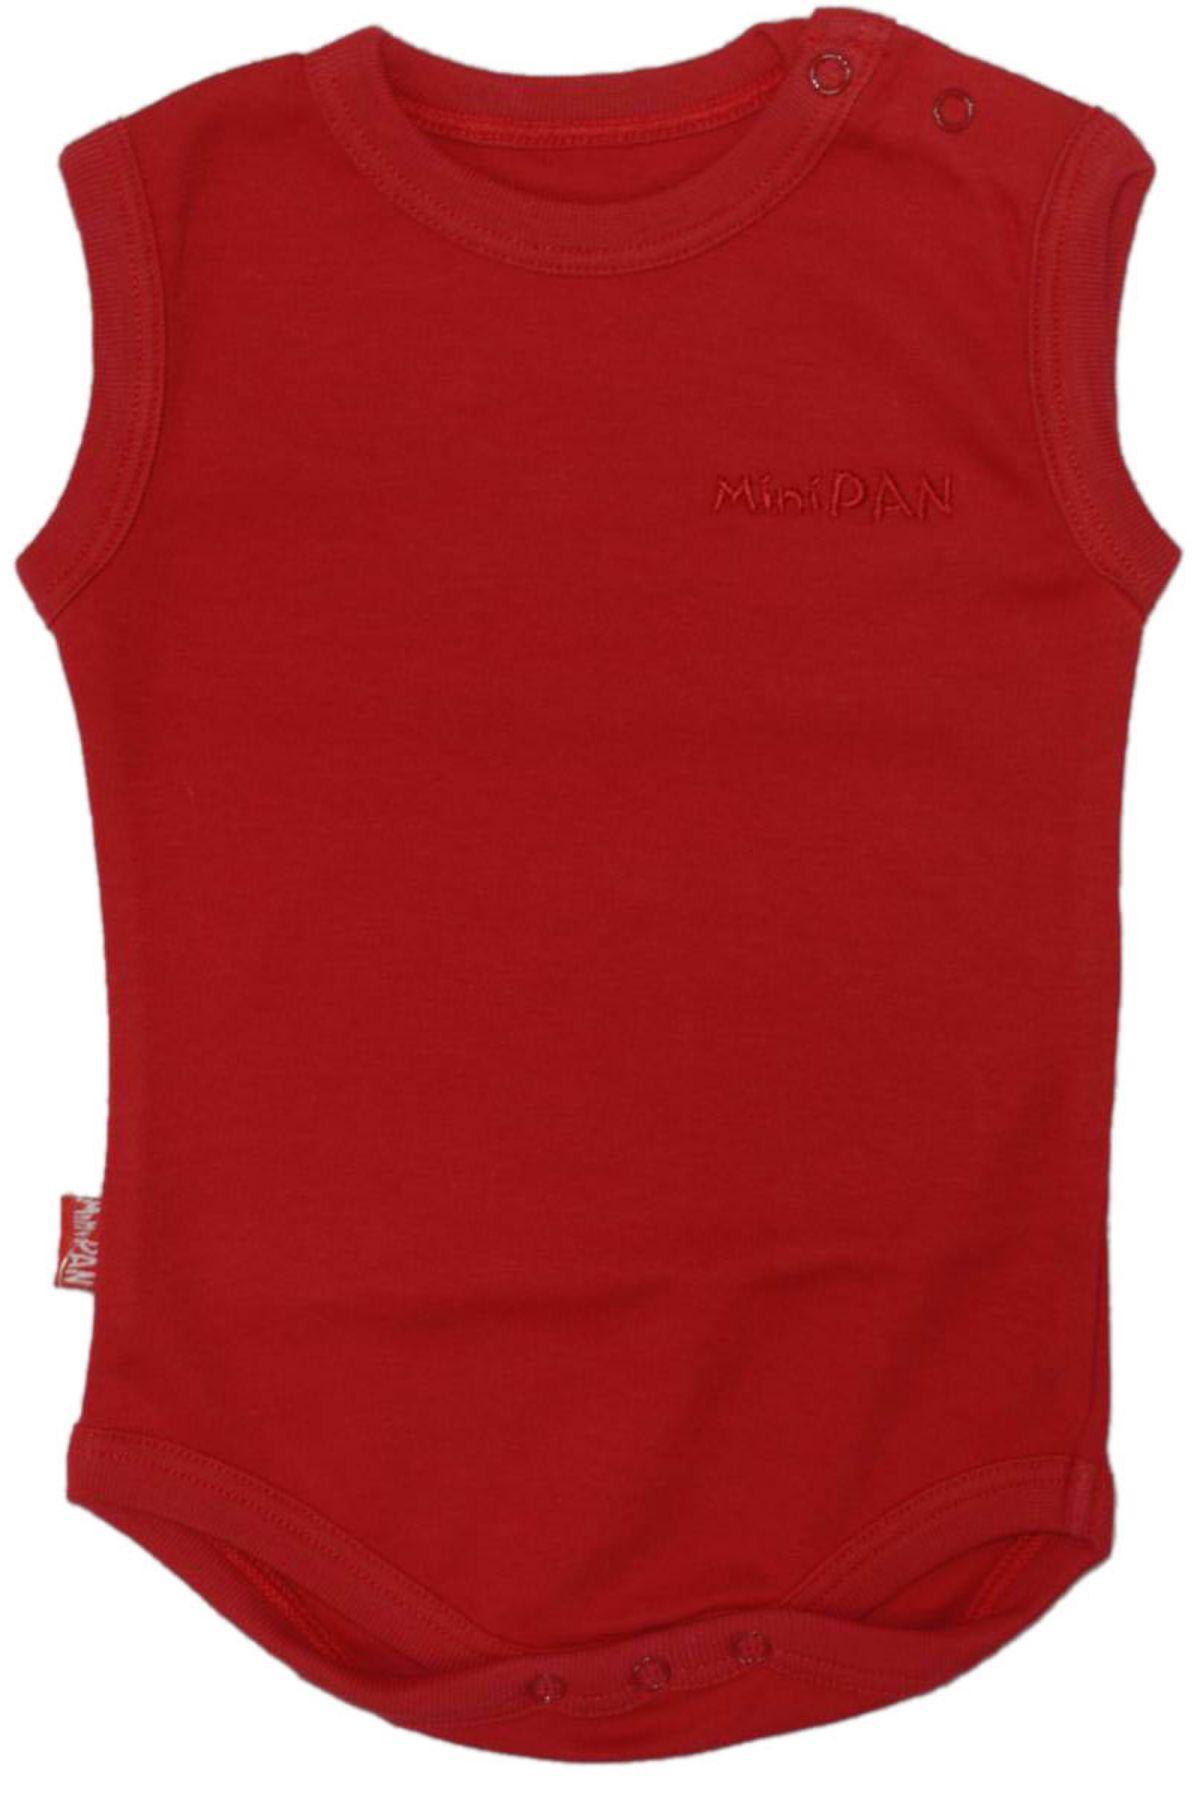 Bebepan 5012 КРАСНЫЙ Одежда Для Новорожденных